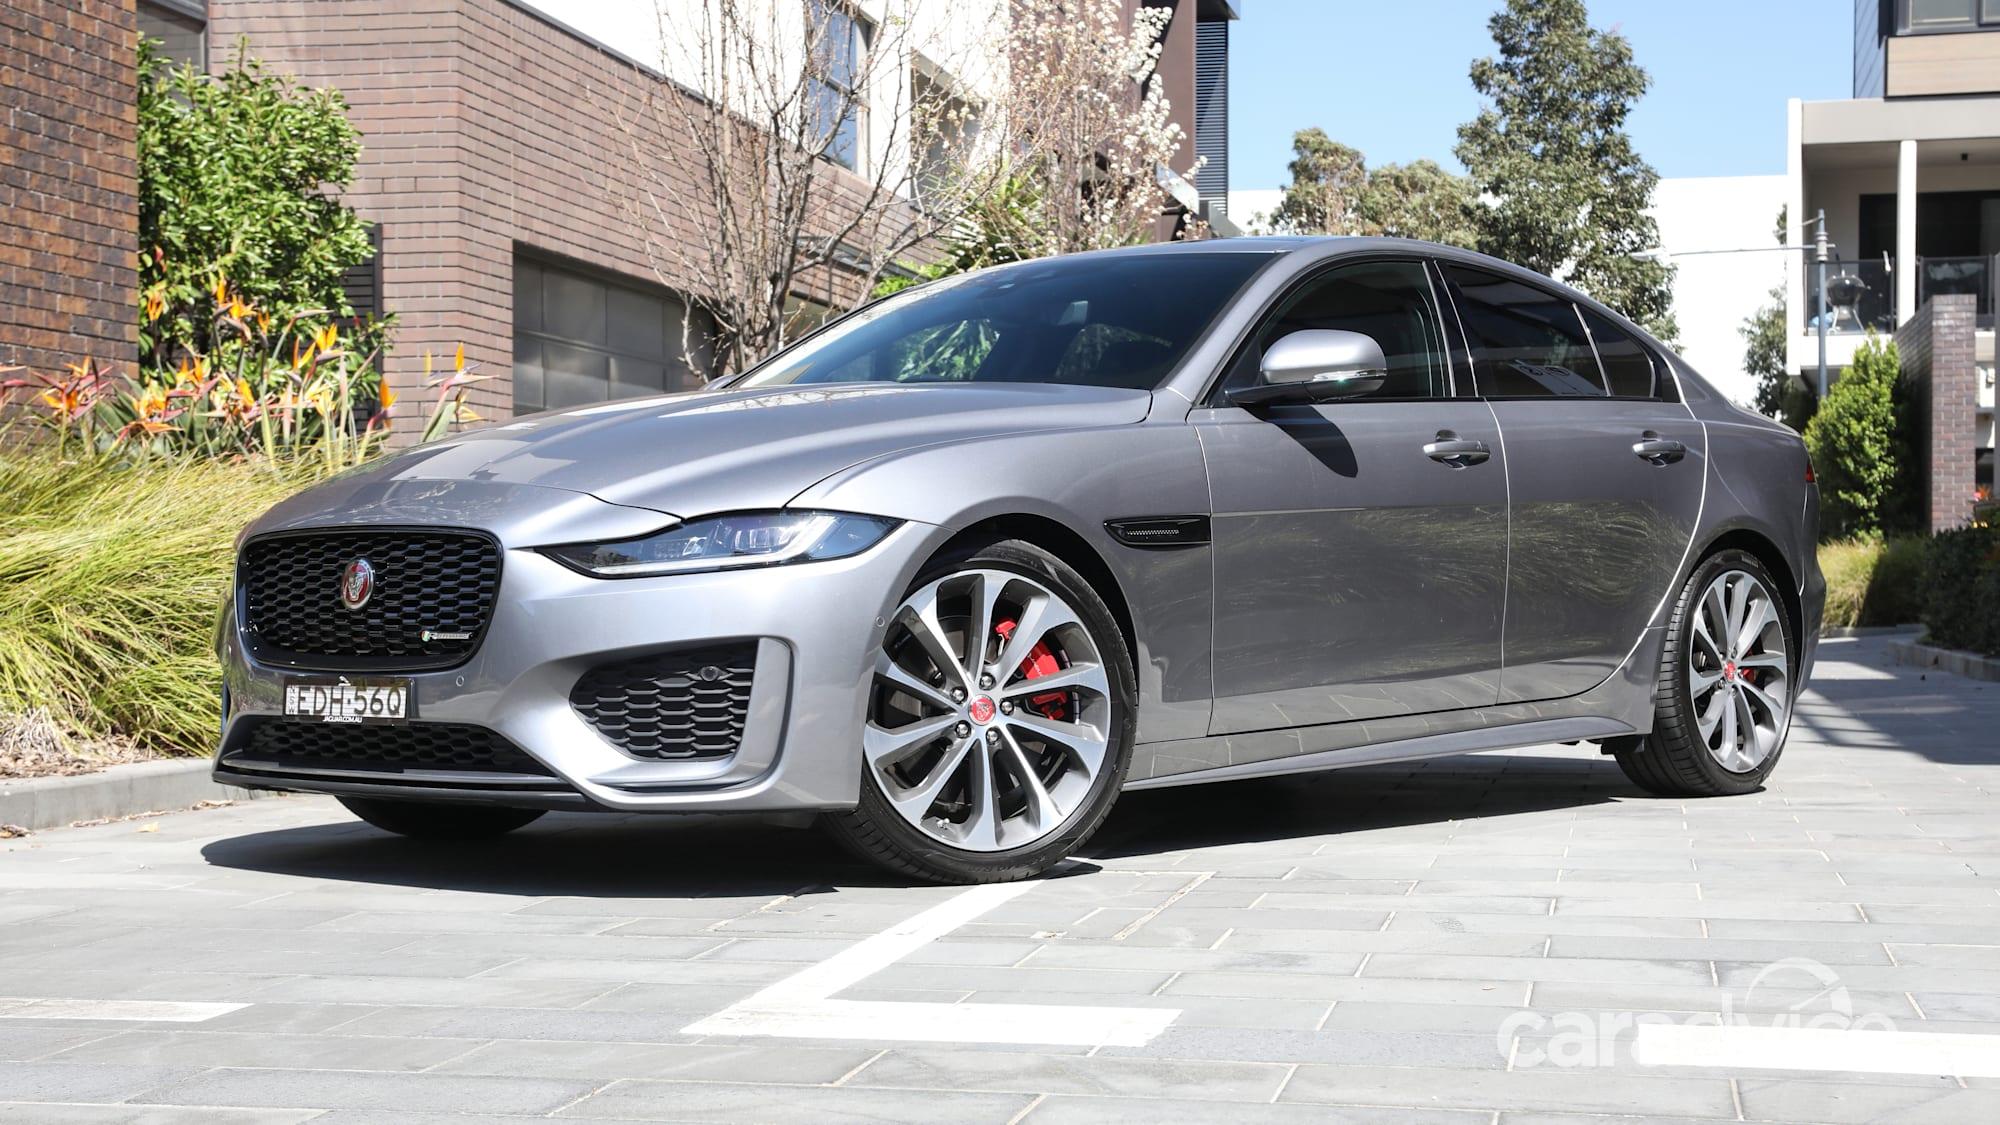 2020 jaguar xe r-dynamic hse review | caradvice